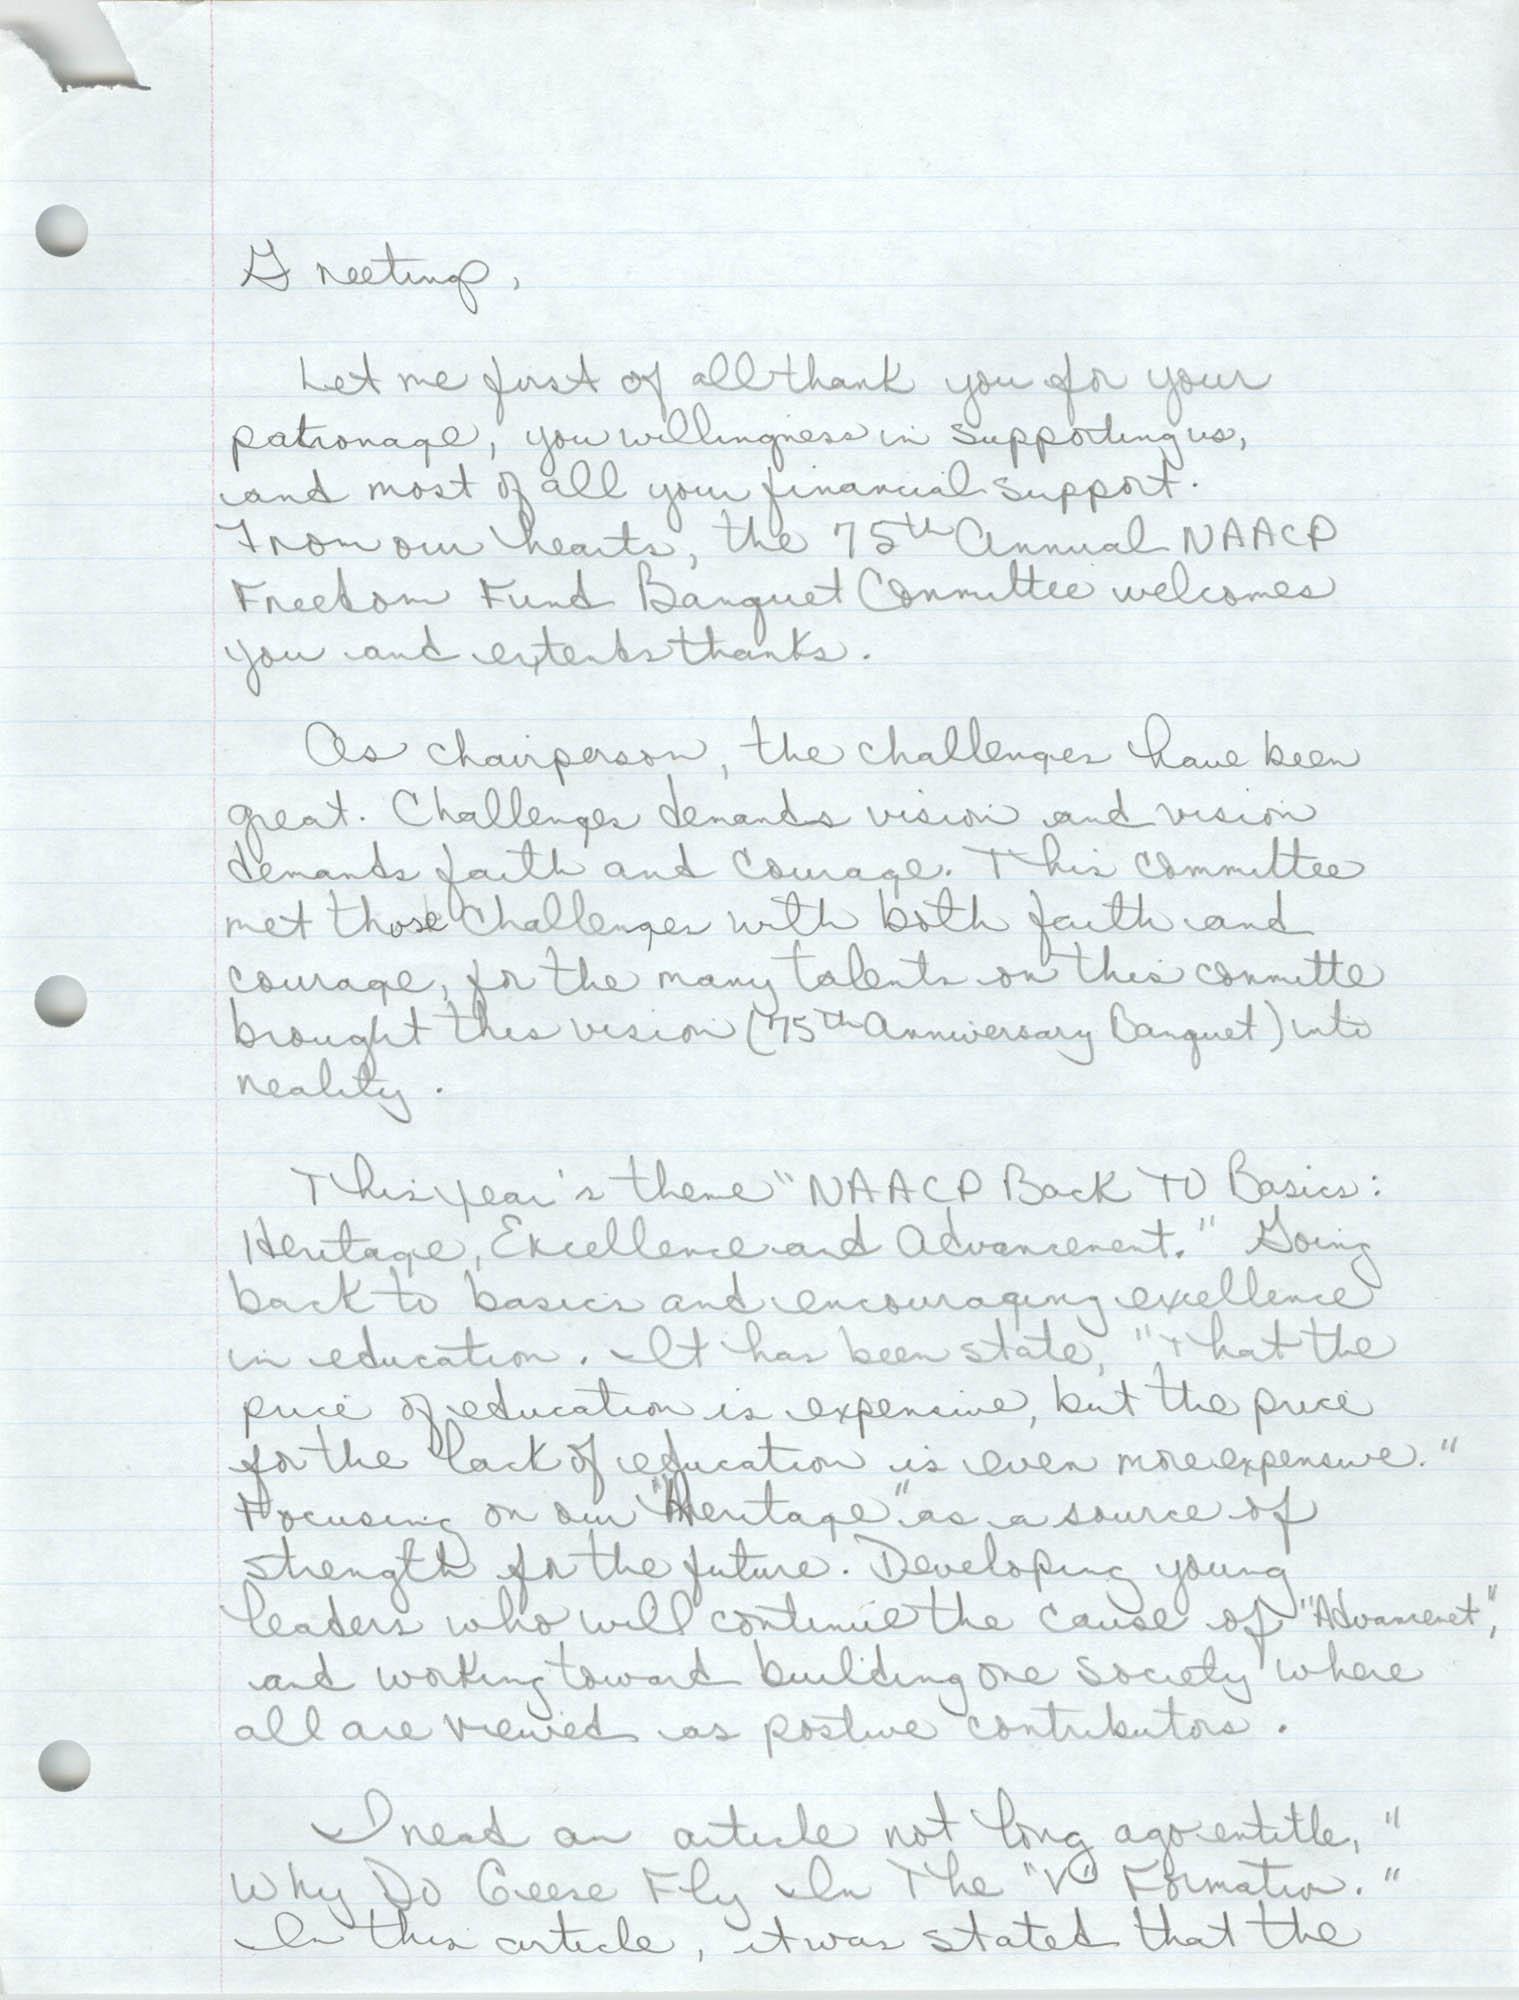 Handwritten Speech, 1991 Freedom Fund Banquet, David Coleman